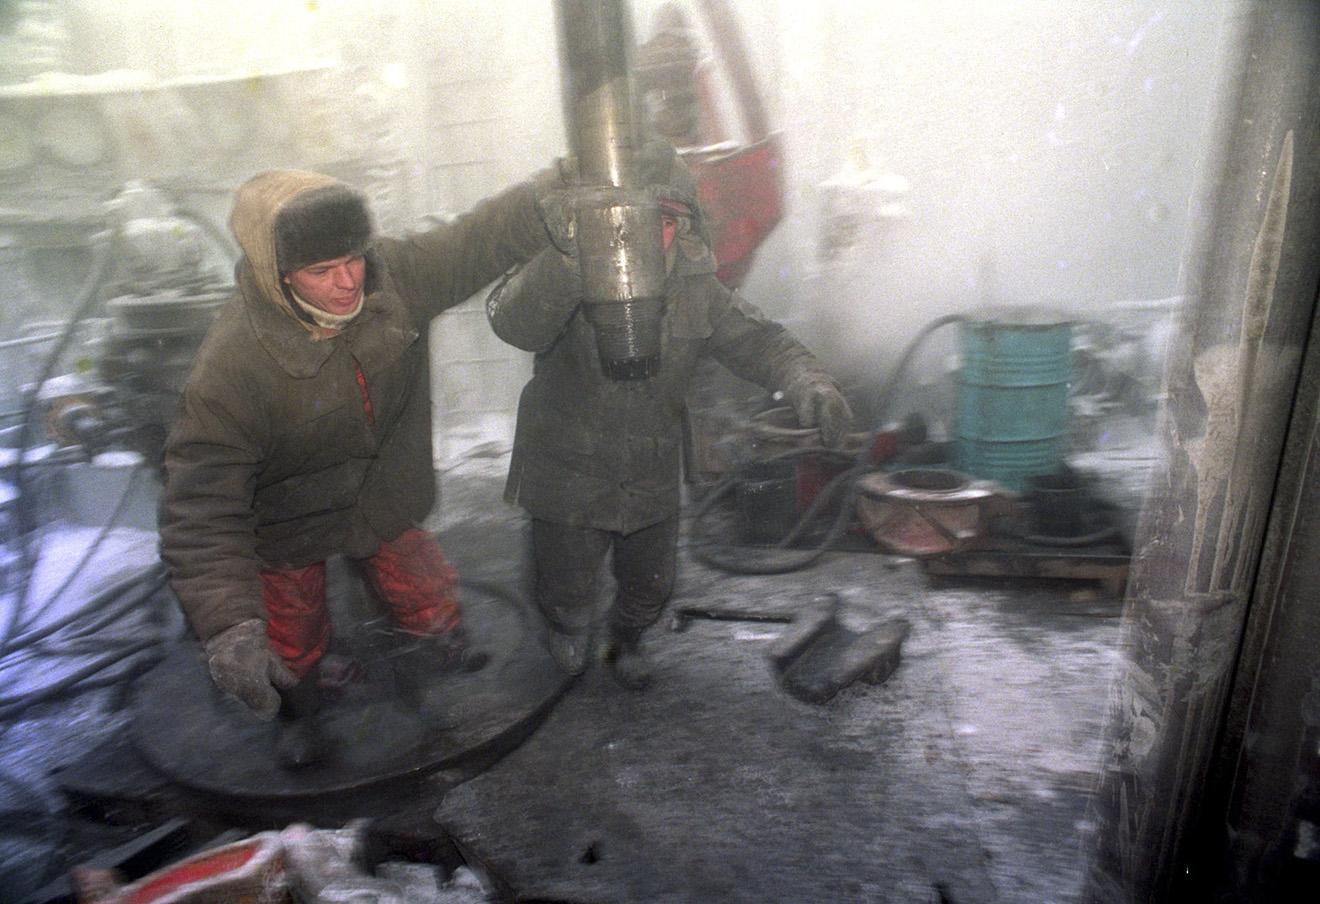 Газовое месторождение «Заполярное» в Тюменской области. Фото: Владимир Гурин / ТАСС